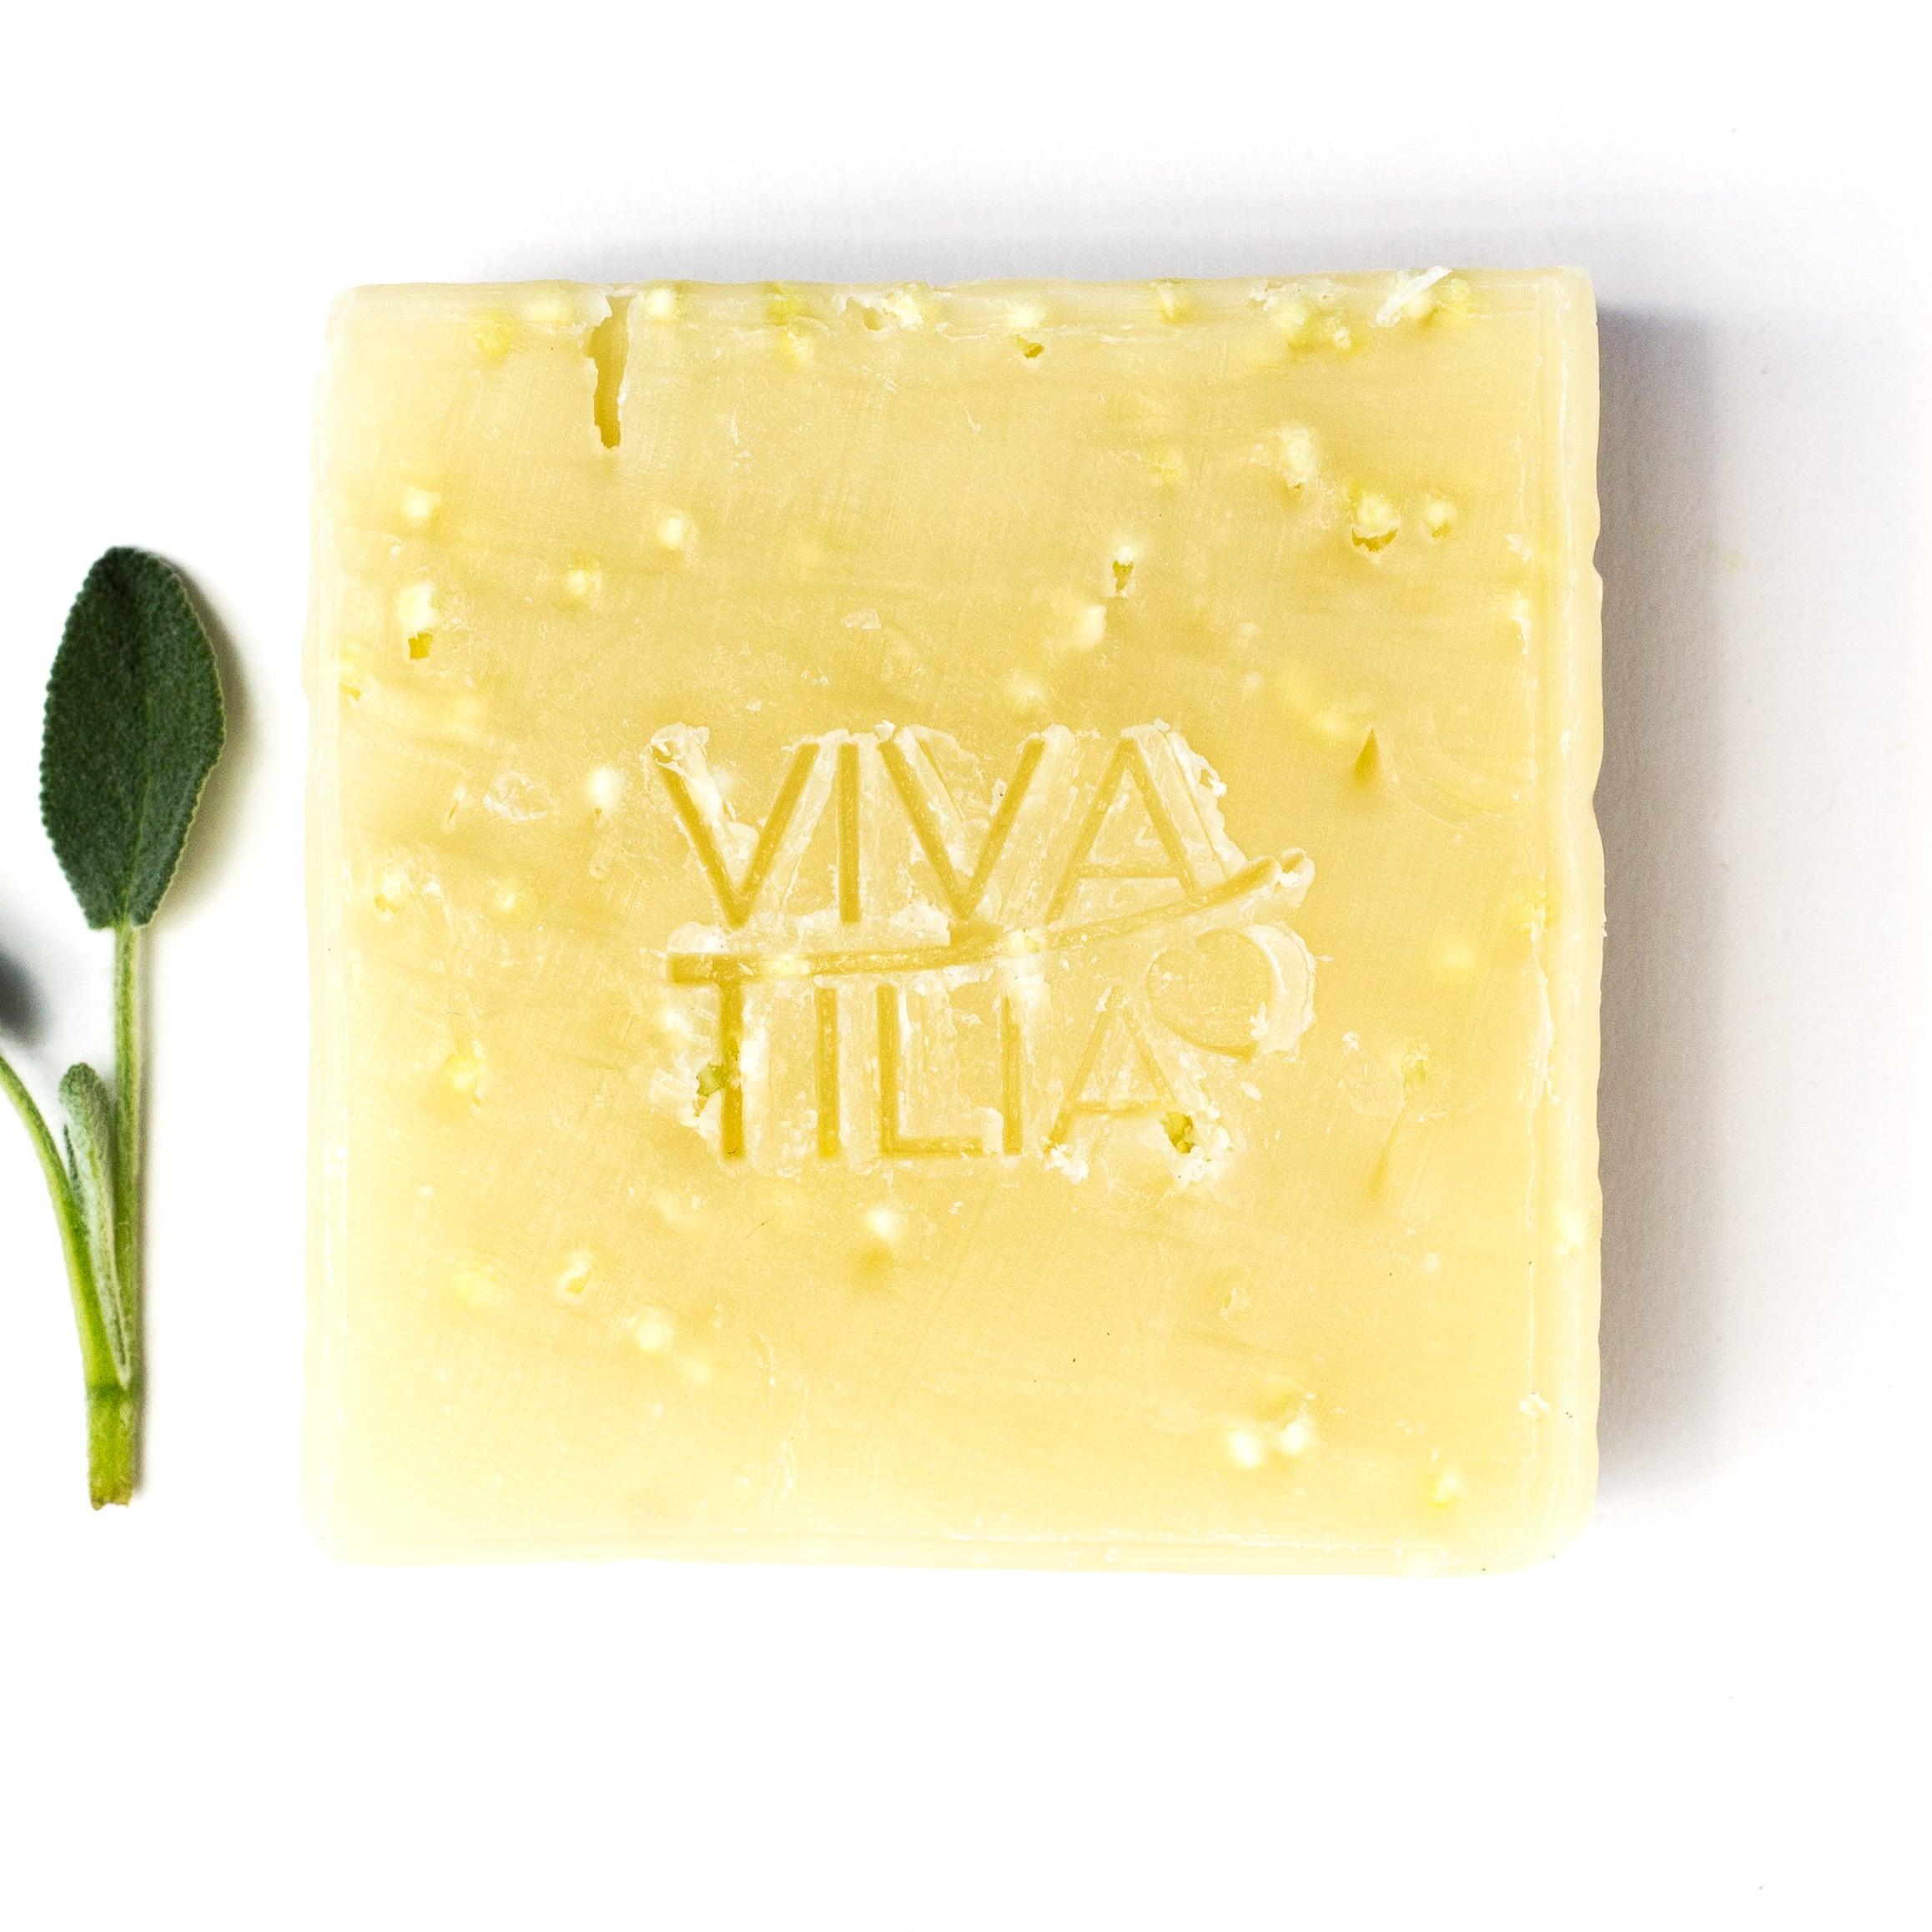 VIVA TILIA Tapioka-Peeling Naturseife 90 g